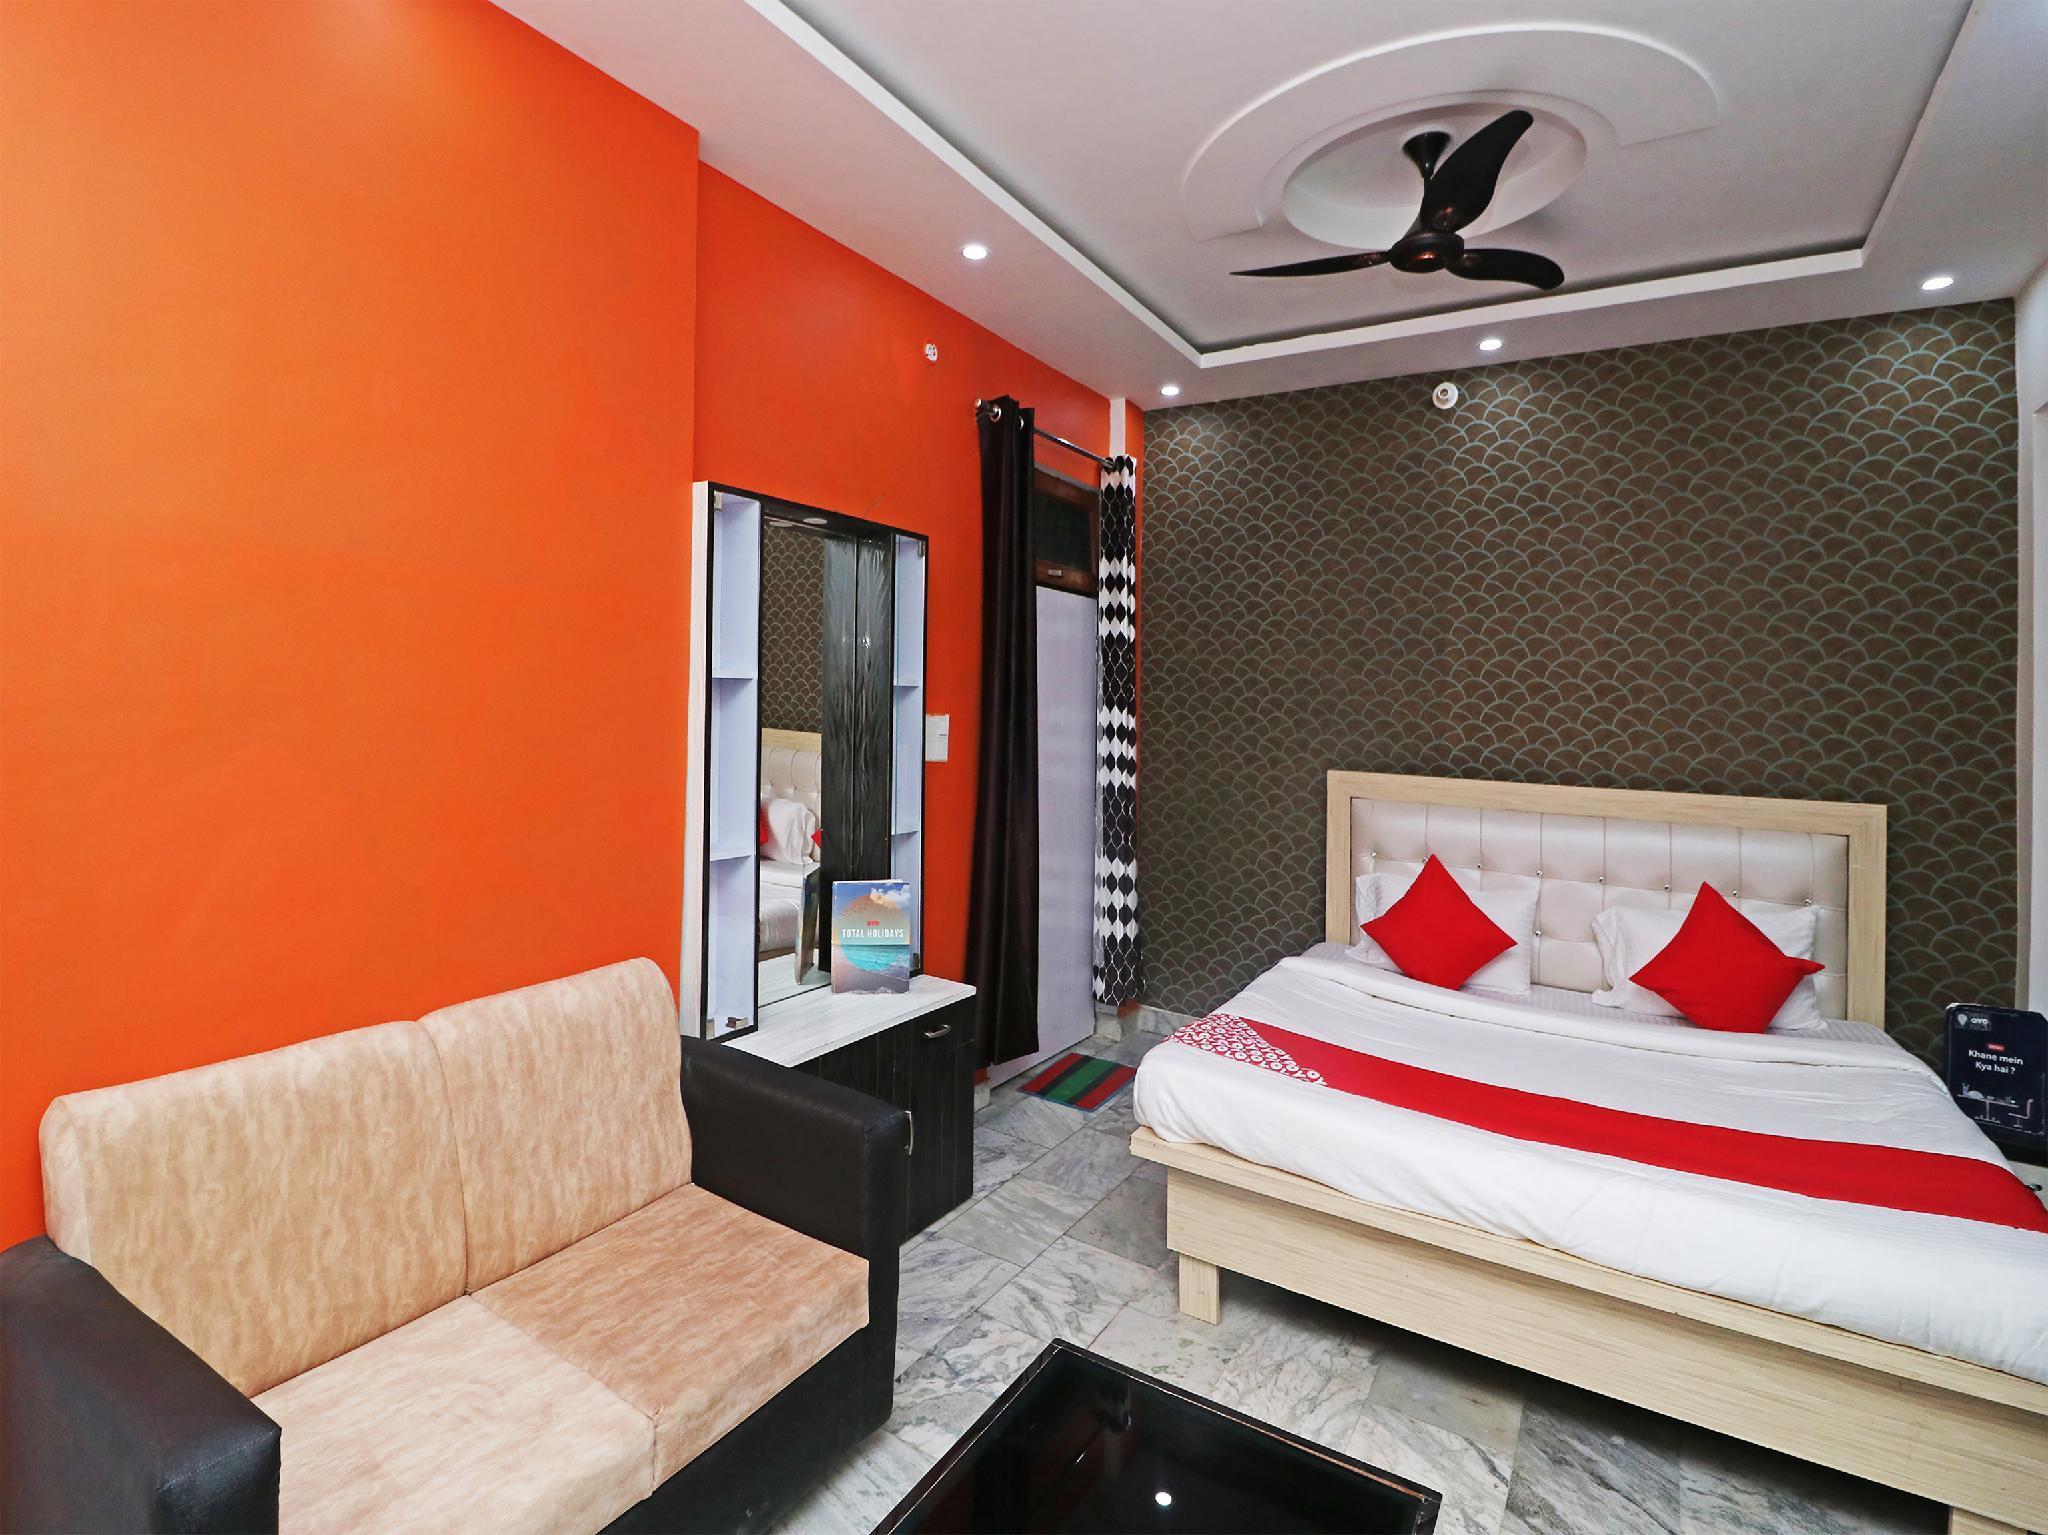 OYO 26668 Krishna Hotel, Allahabad